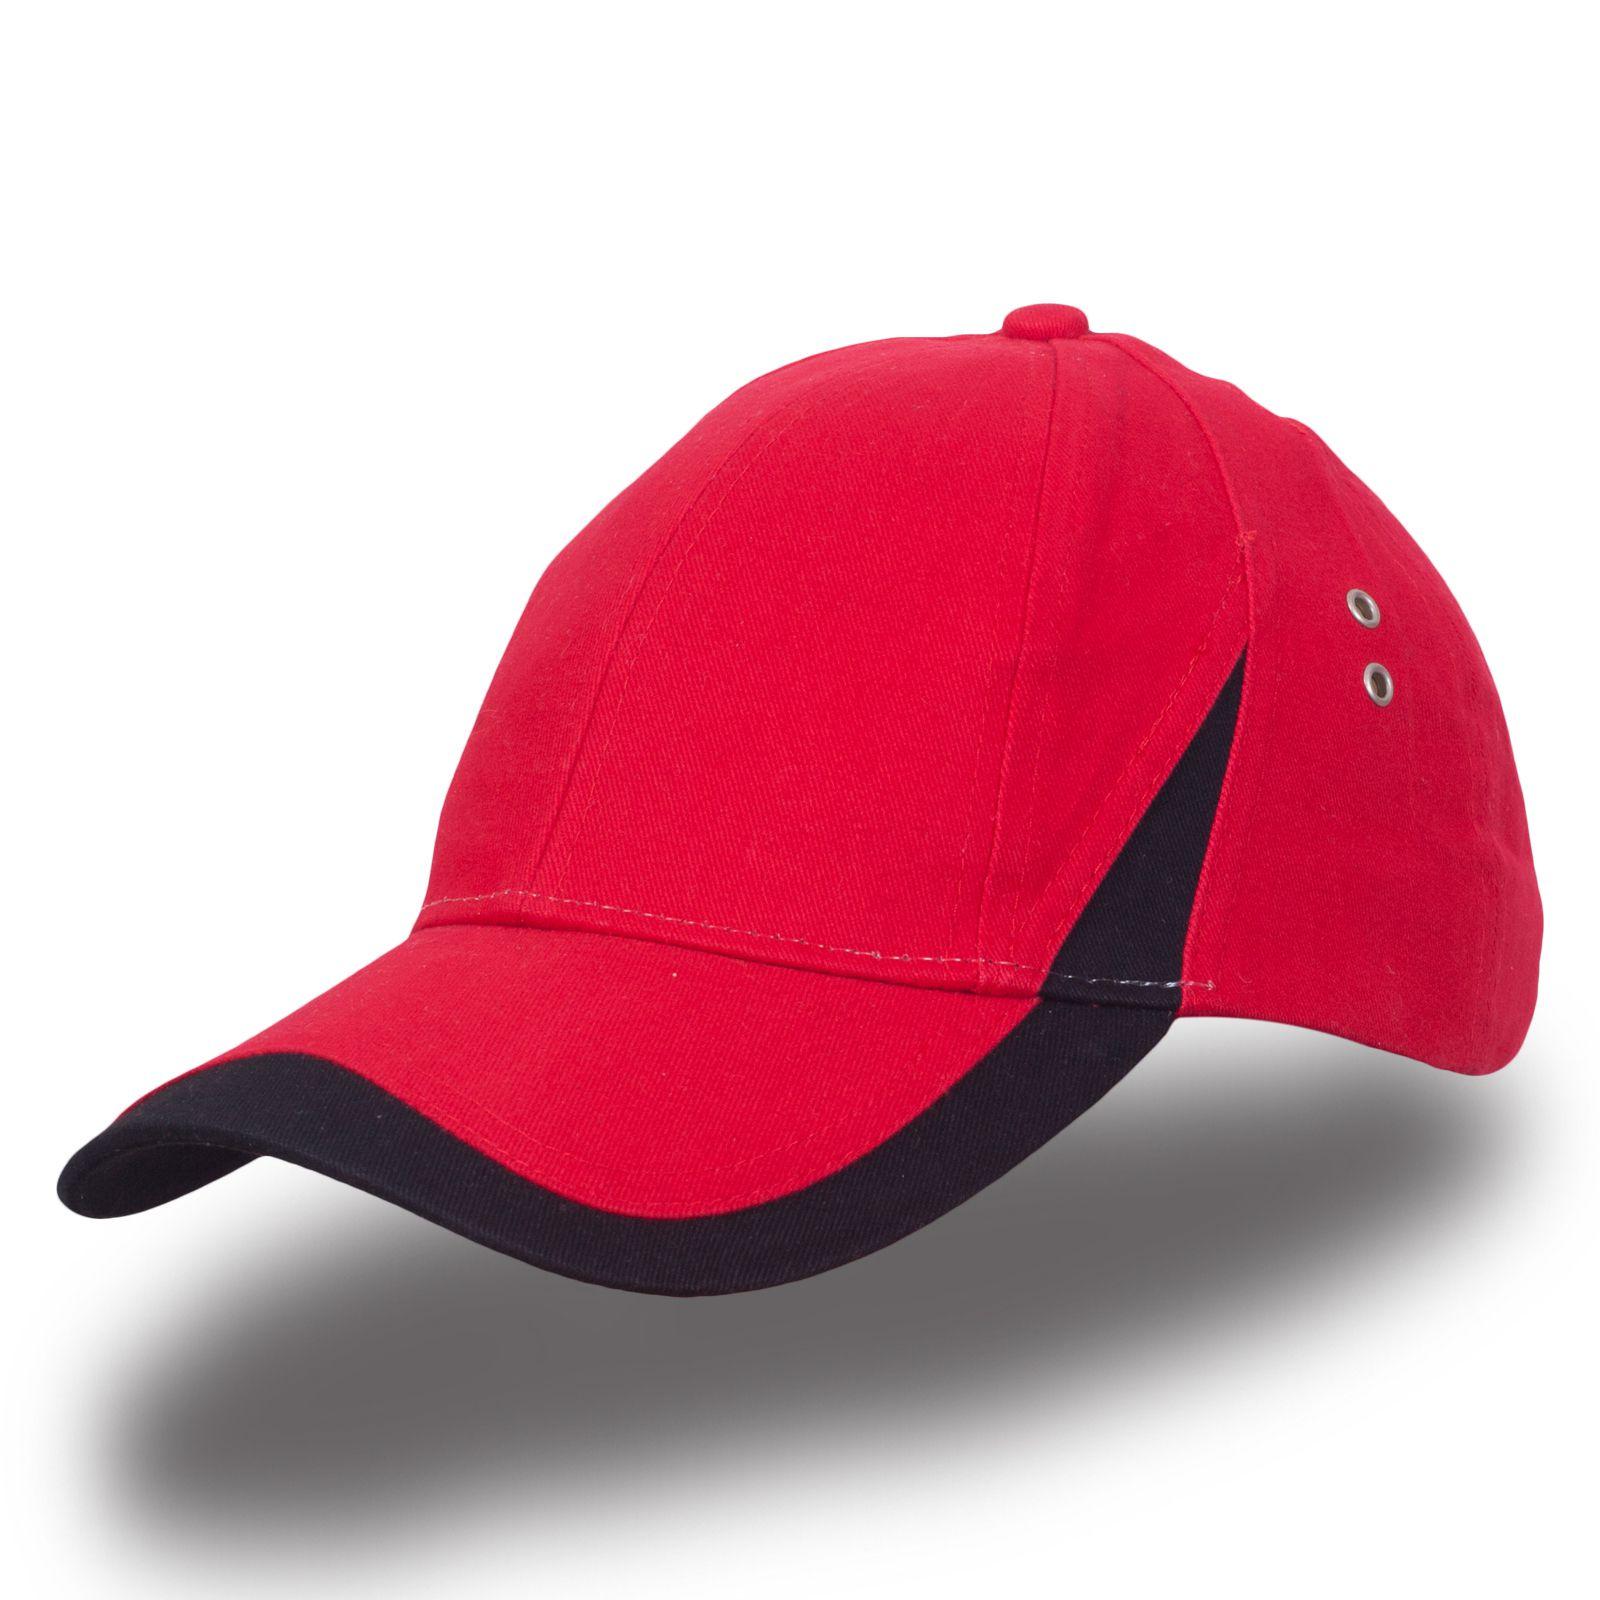 Спортивная красная бейсболка - купить в интернет-магазине с доставкой